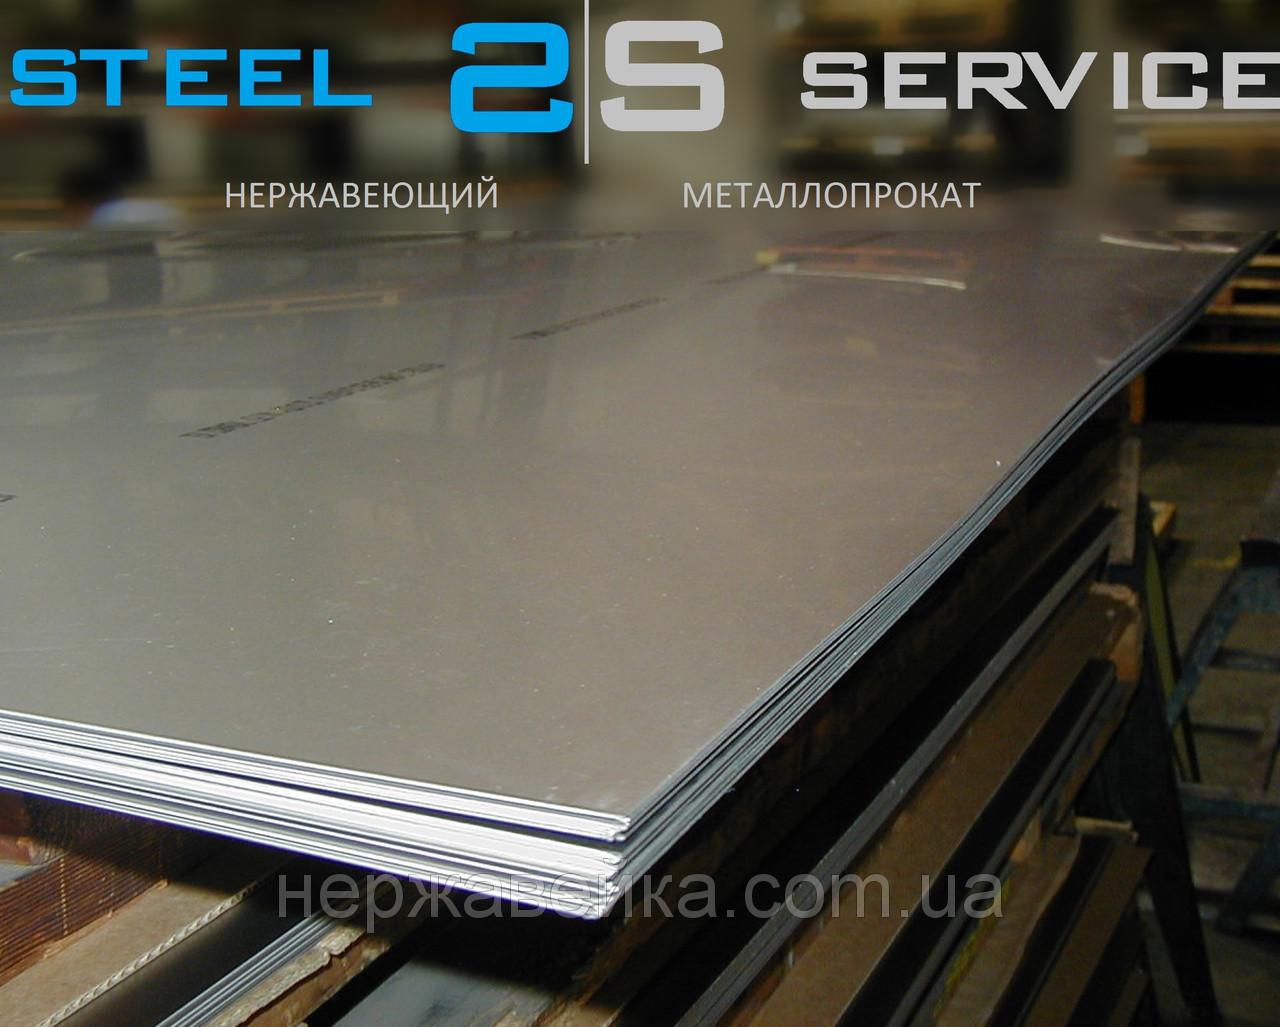 Нержавеющий лист 6х1500х6000мм AISI 309(20Х23Н13, 20Х20Н14С2) F1 - горячекатанный,  жаропрочный